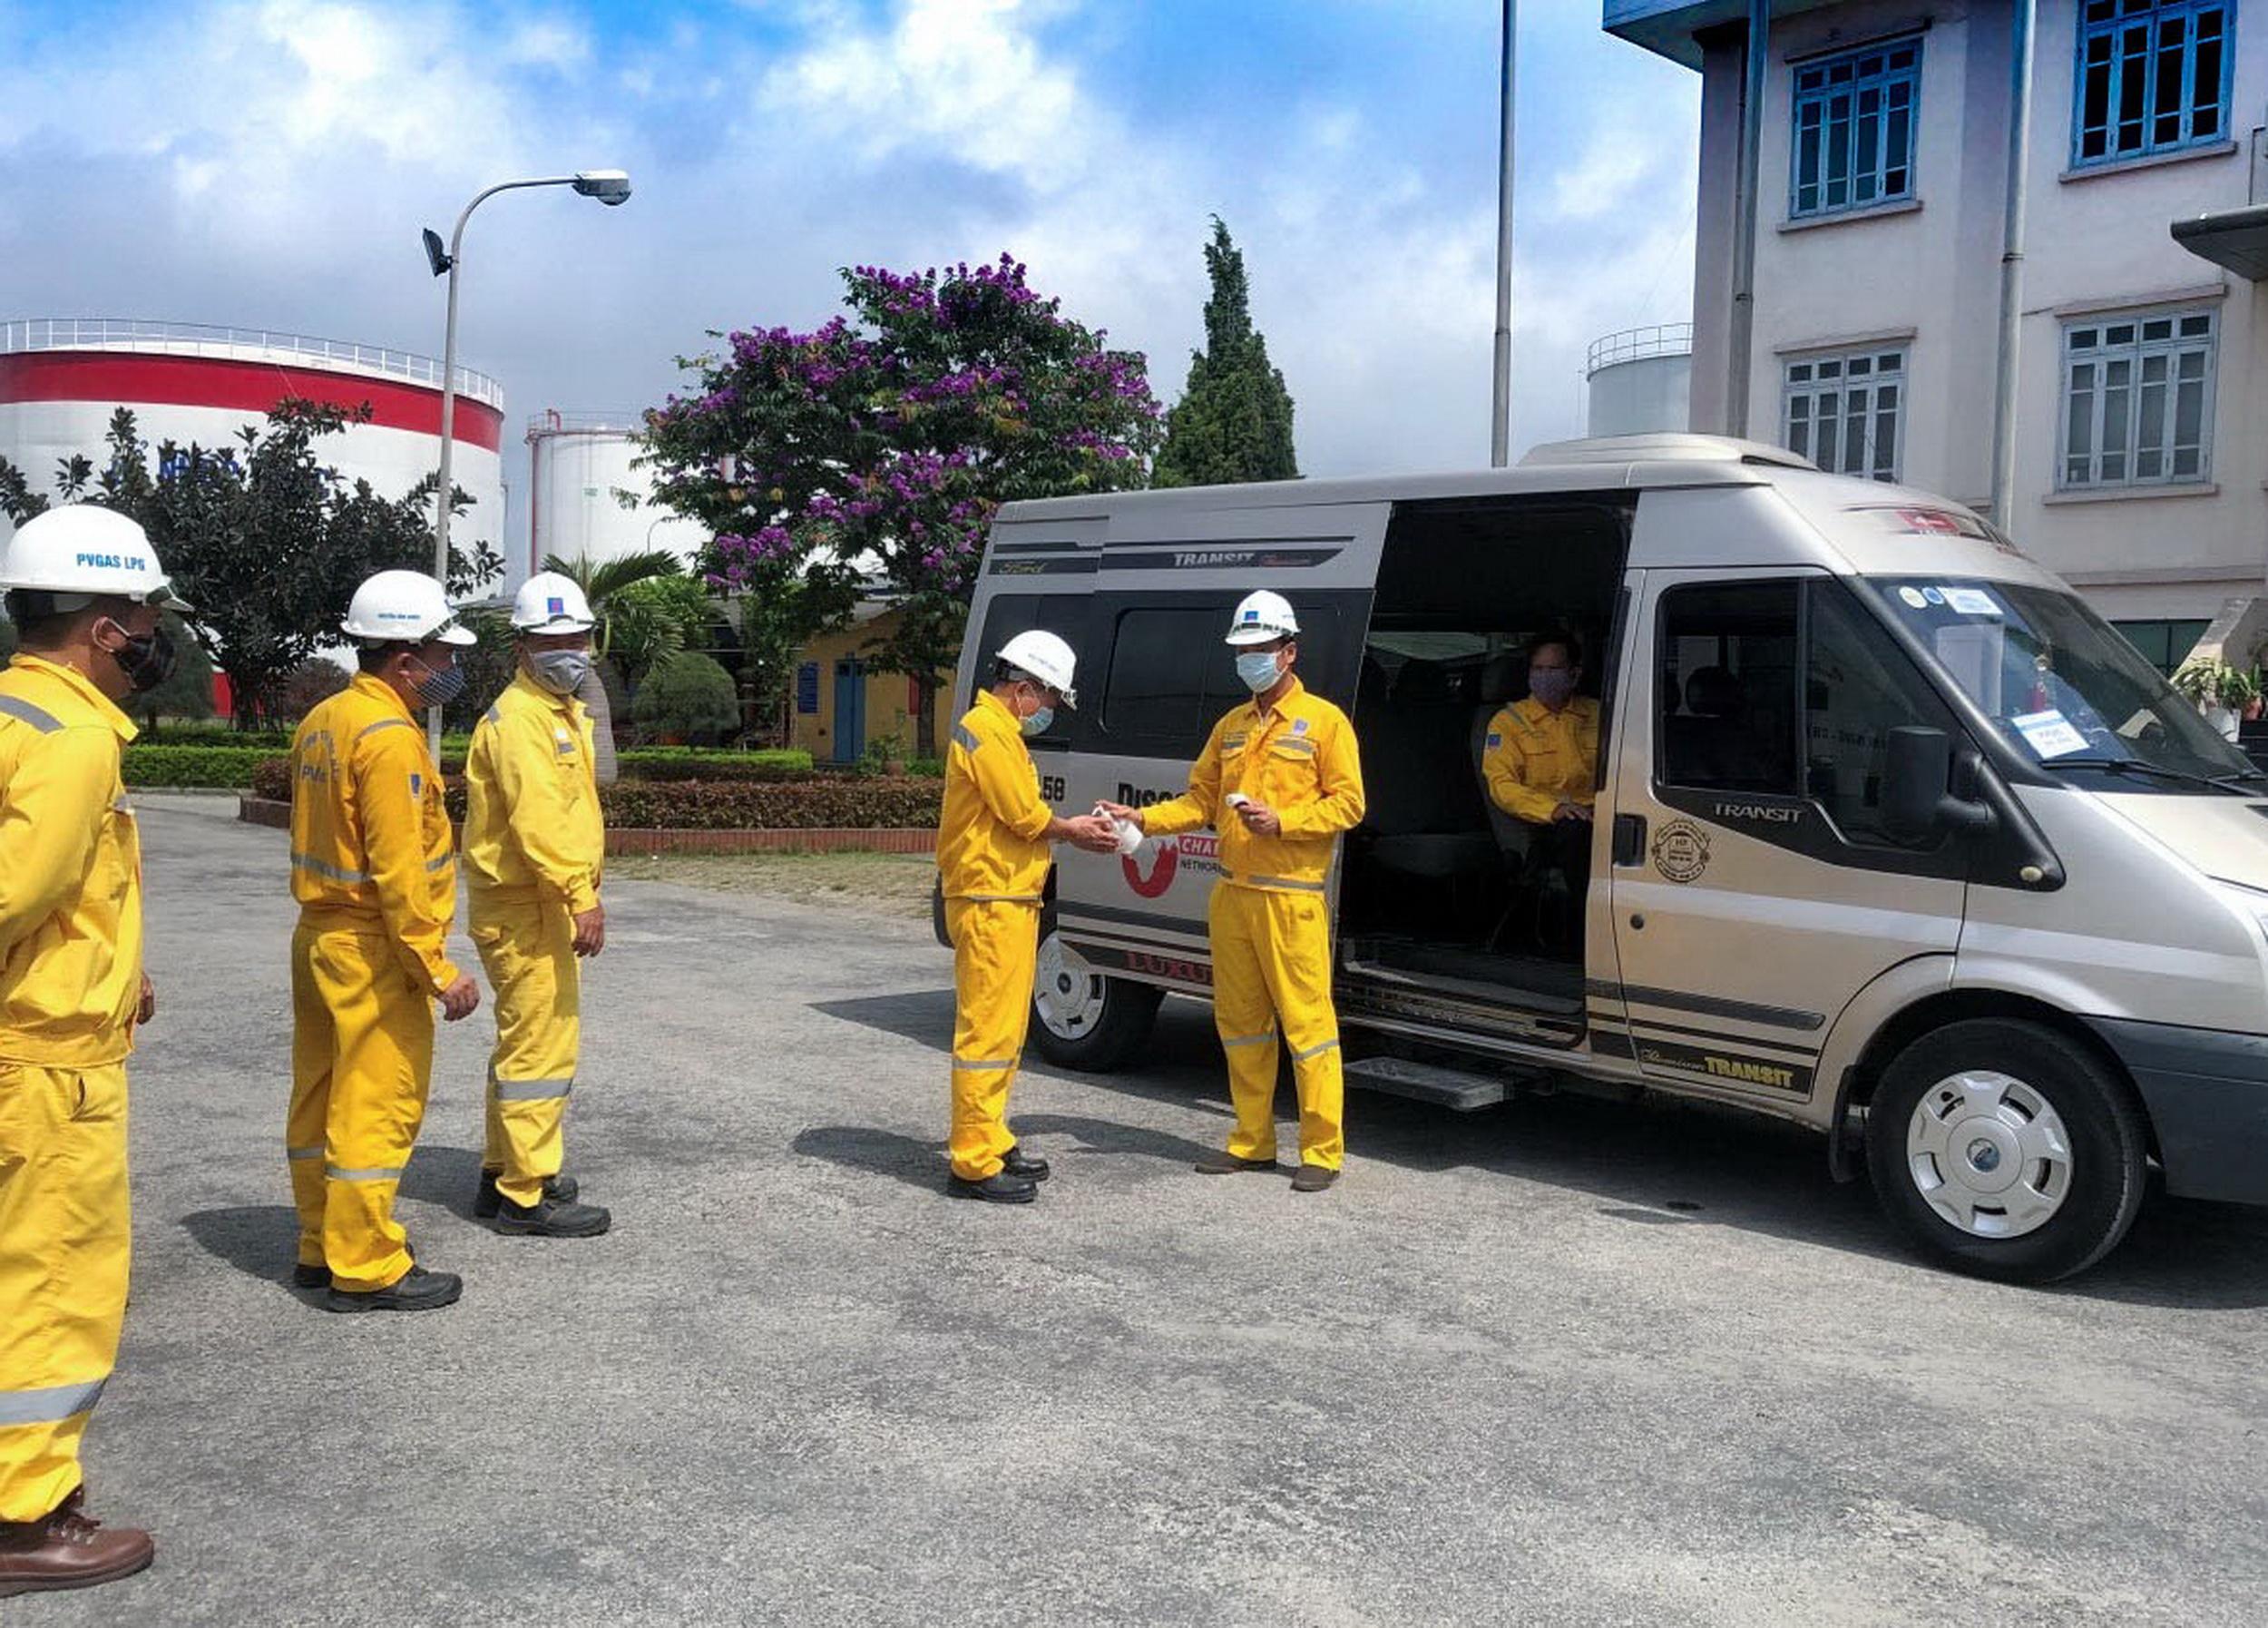 PV GAS LPG thực hiện khử khuẩn cho người lao động trước khi vào ca làm việc